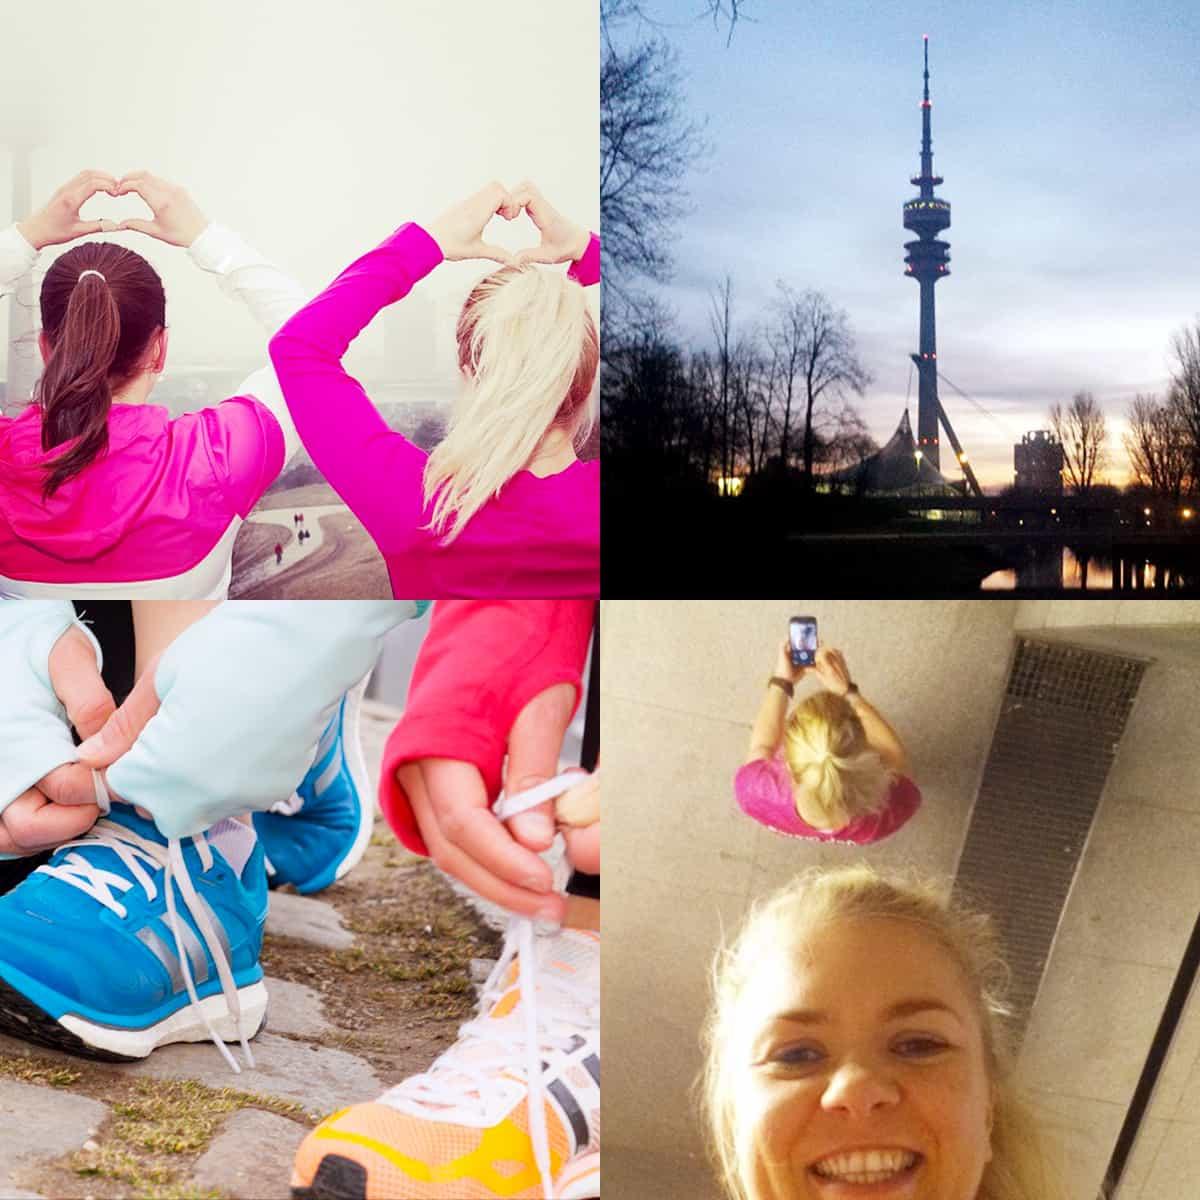 Bester deutscher Instagram Account Laufen von Run Munich Run